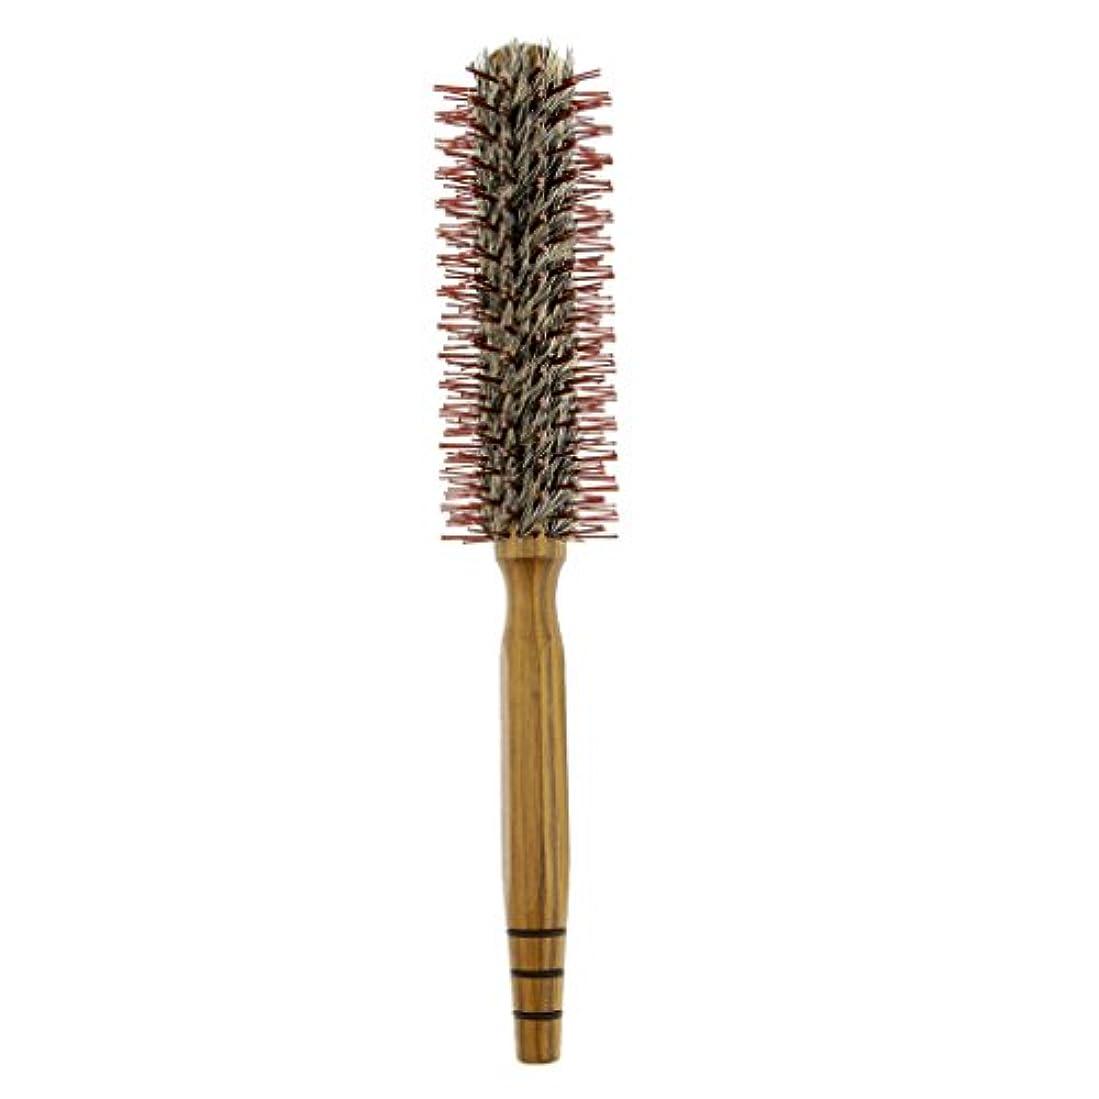 信条クレーン赤ロールブラシ ヘアコーム 木製櫛 家庭用 サロン 美容師 3サイズ - M